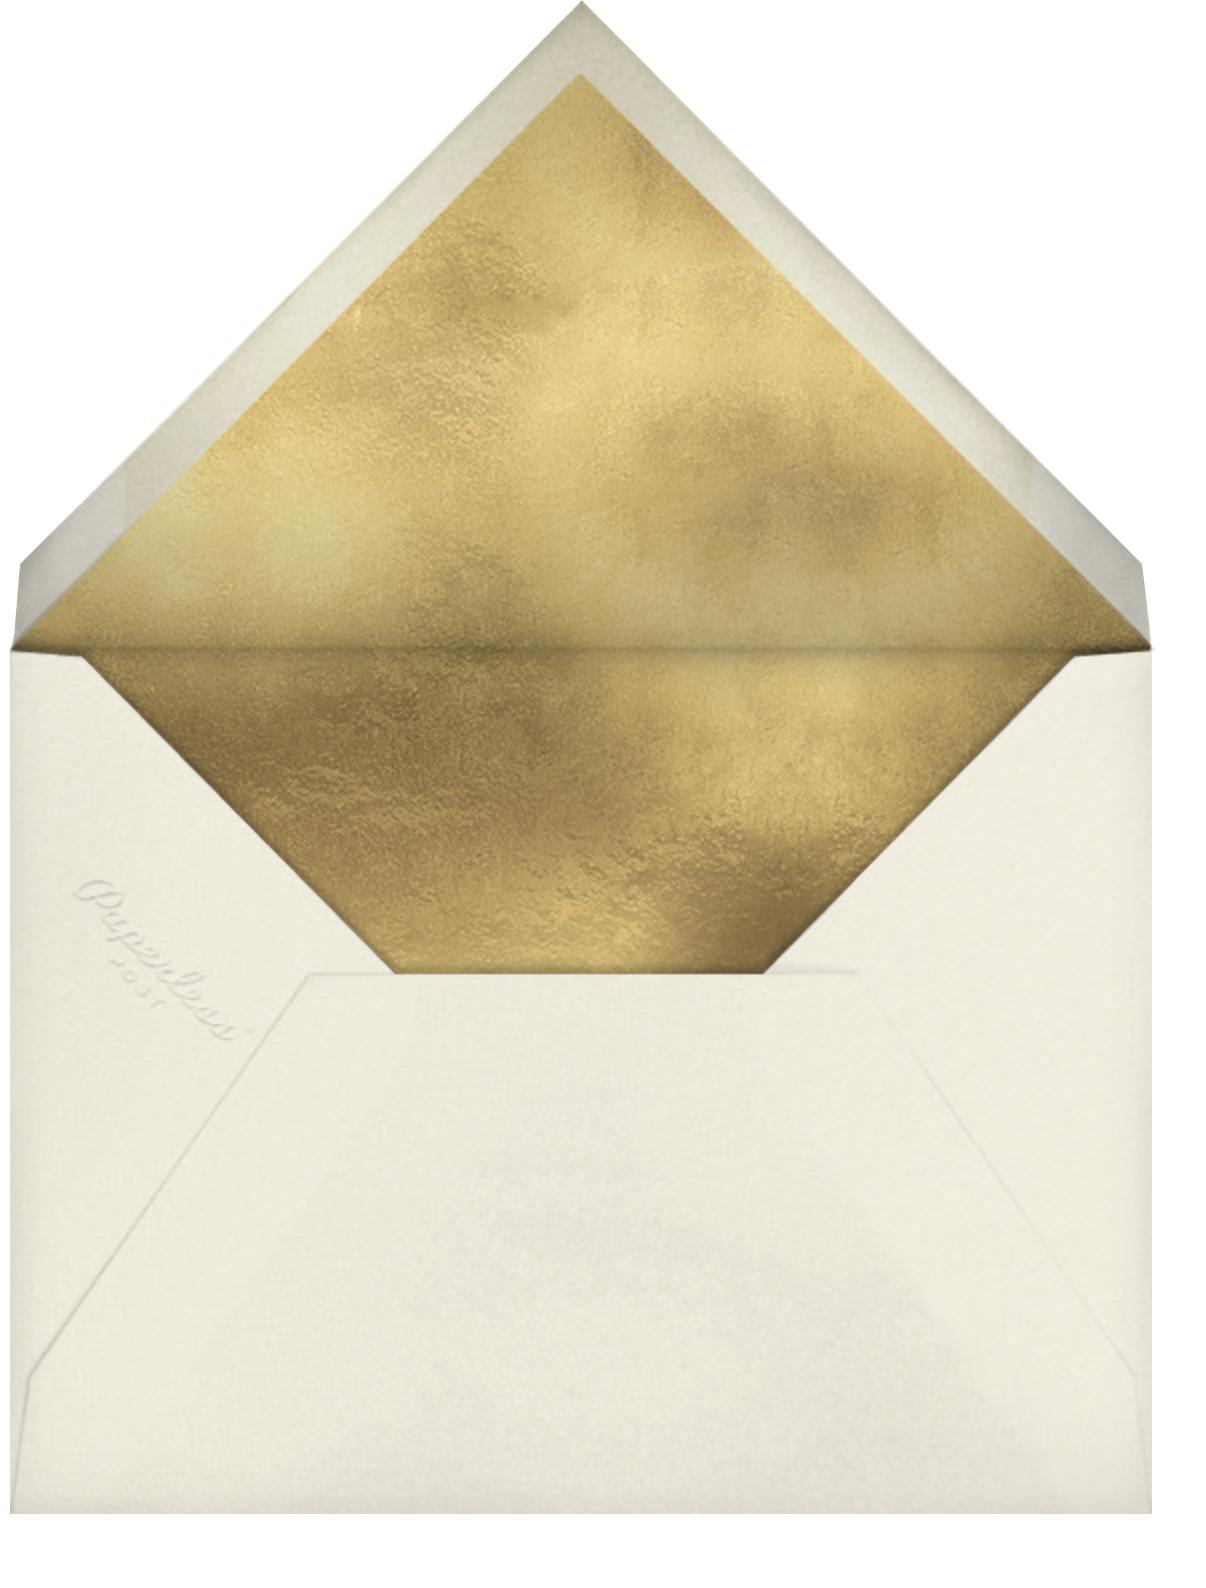 Gemma - Schumacher - Envelope